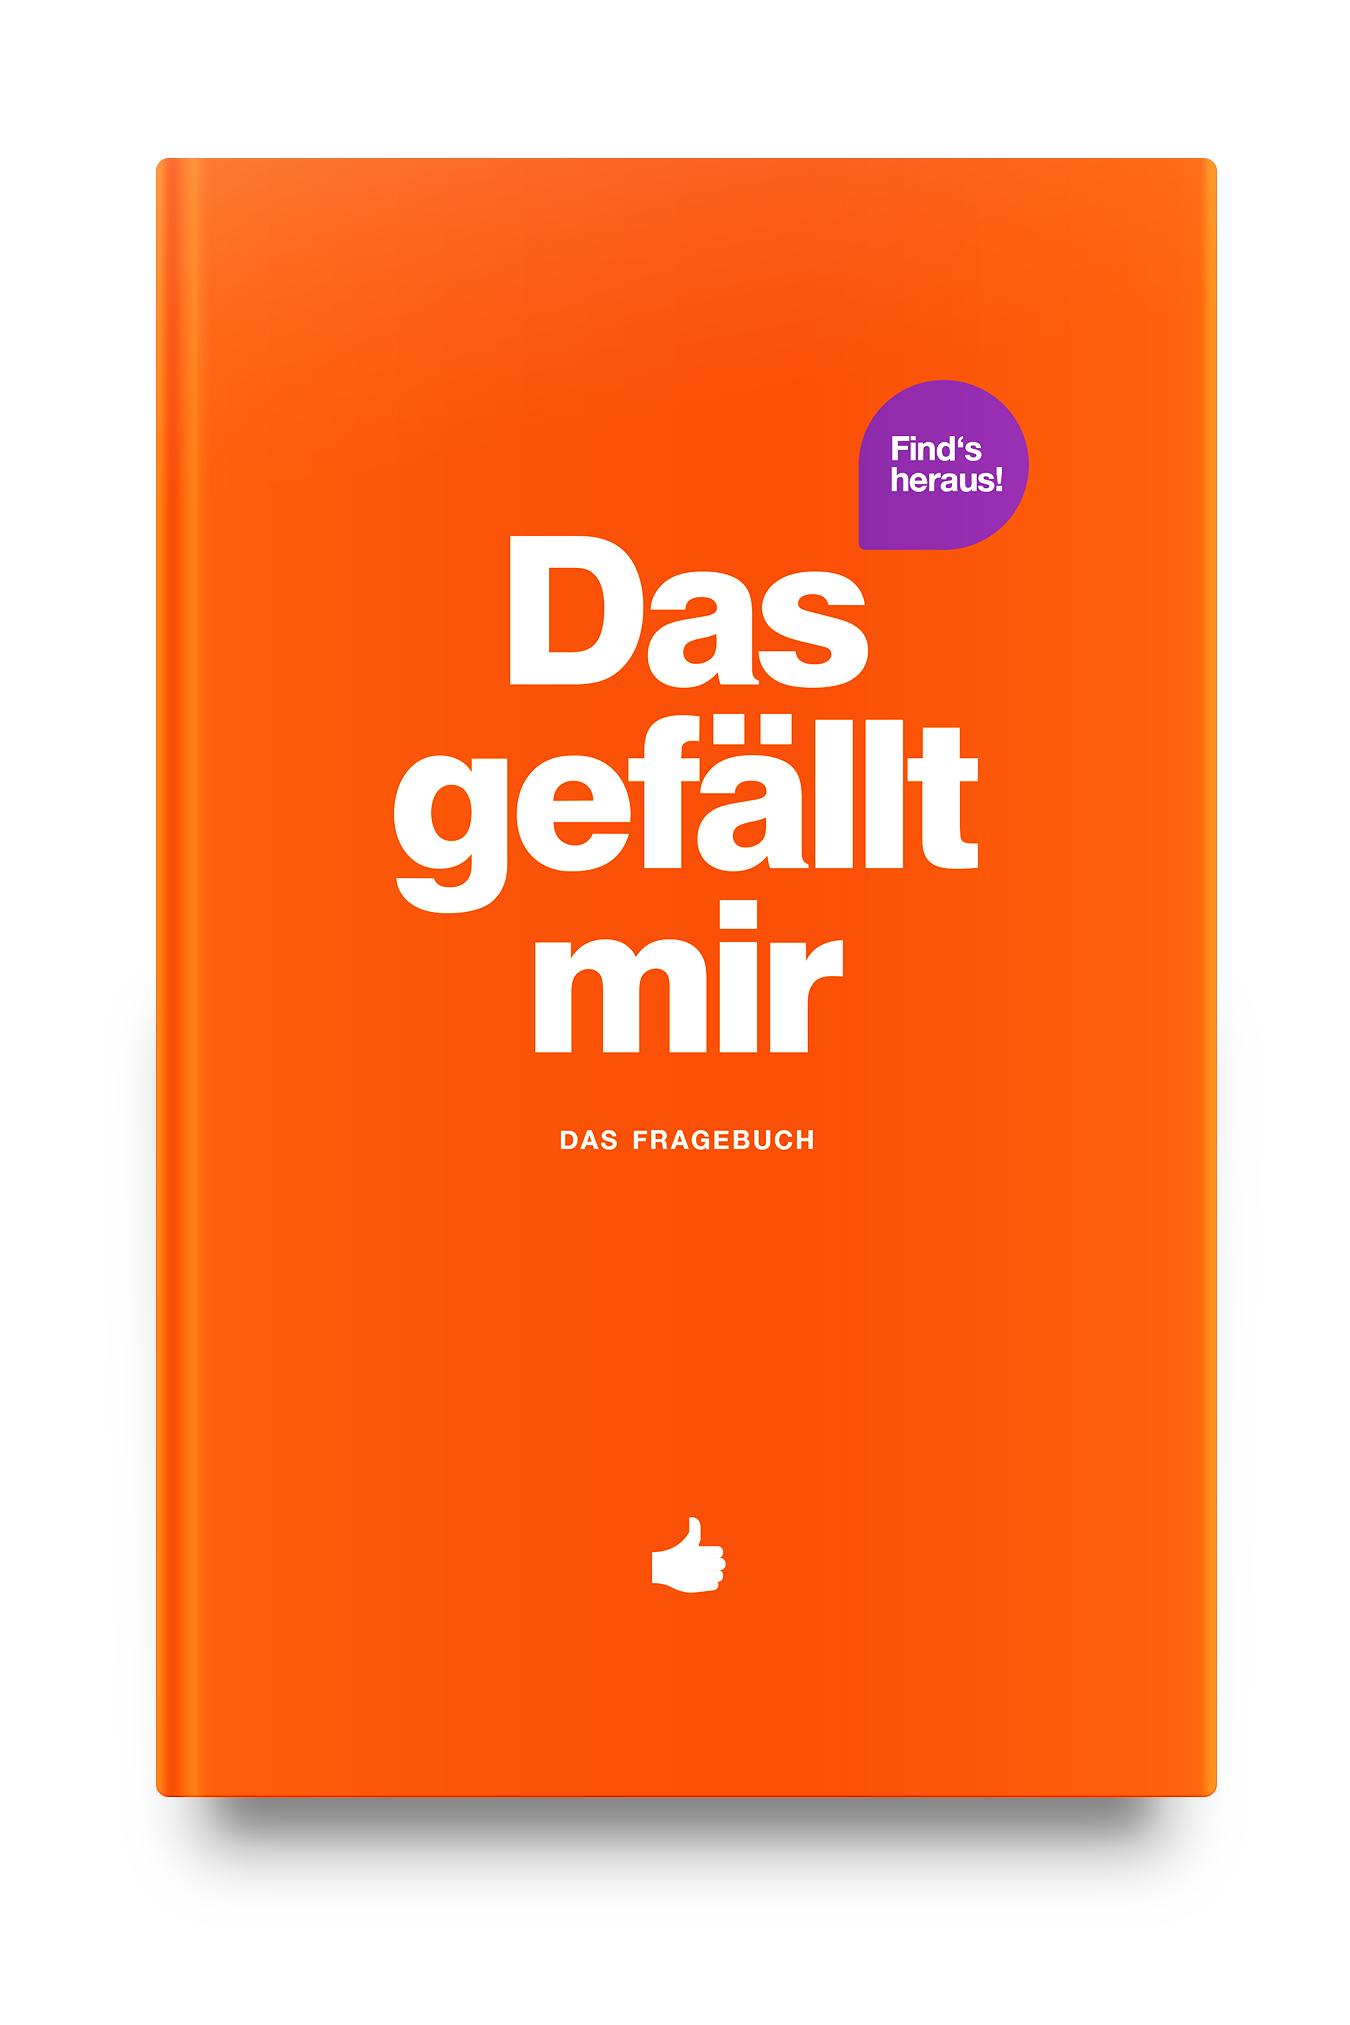 cover_wil_orange_2.jpg